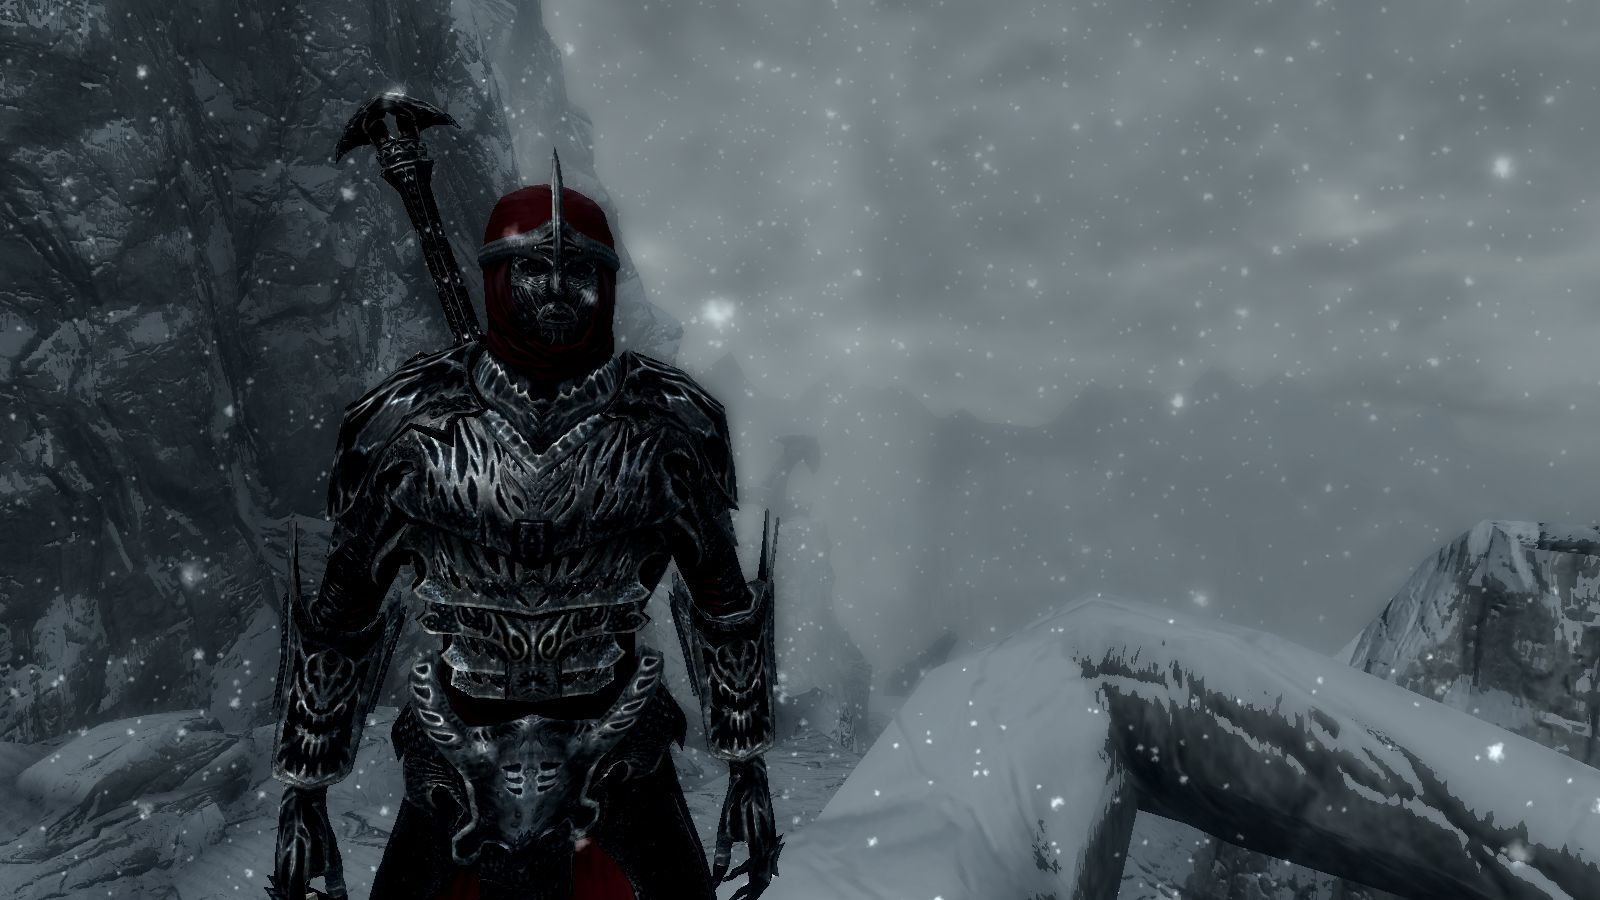 Daedric Armor Mythic Dawn Armor - Fa...